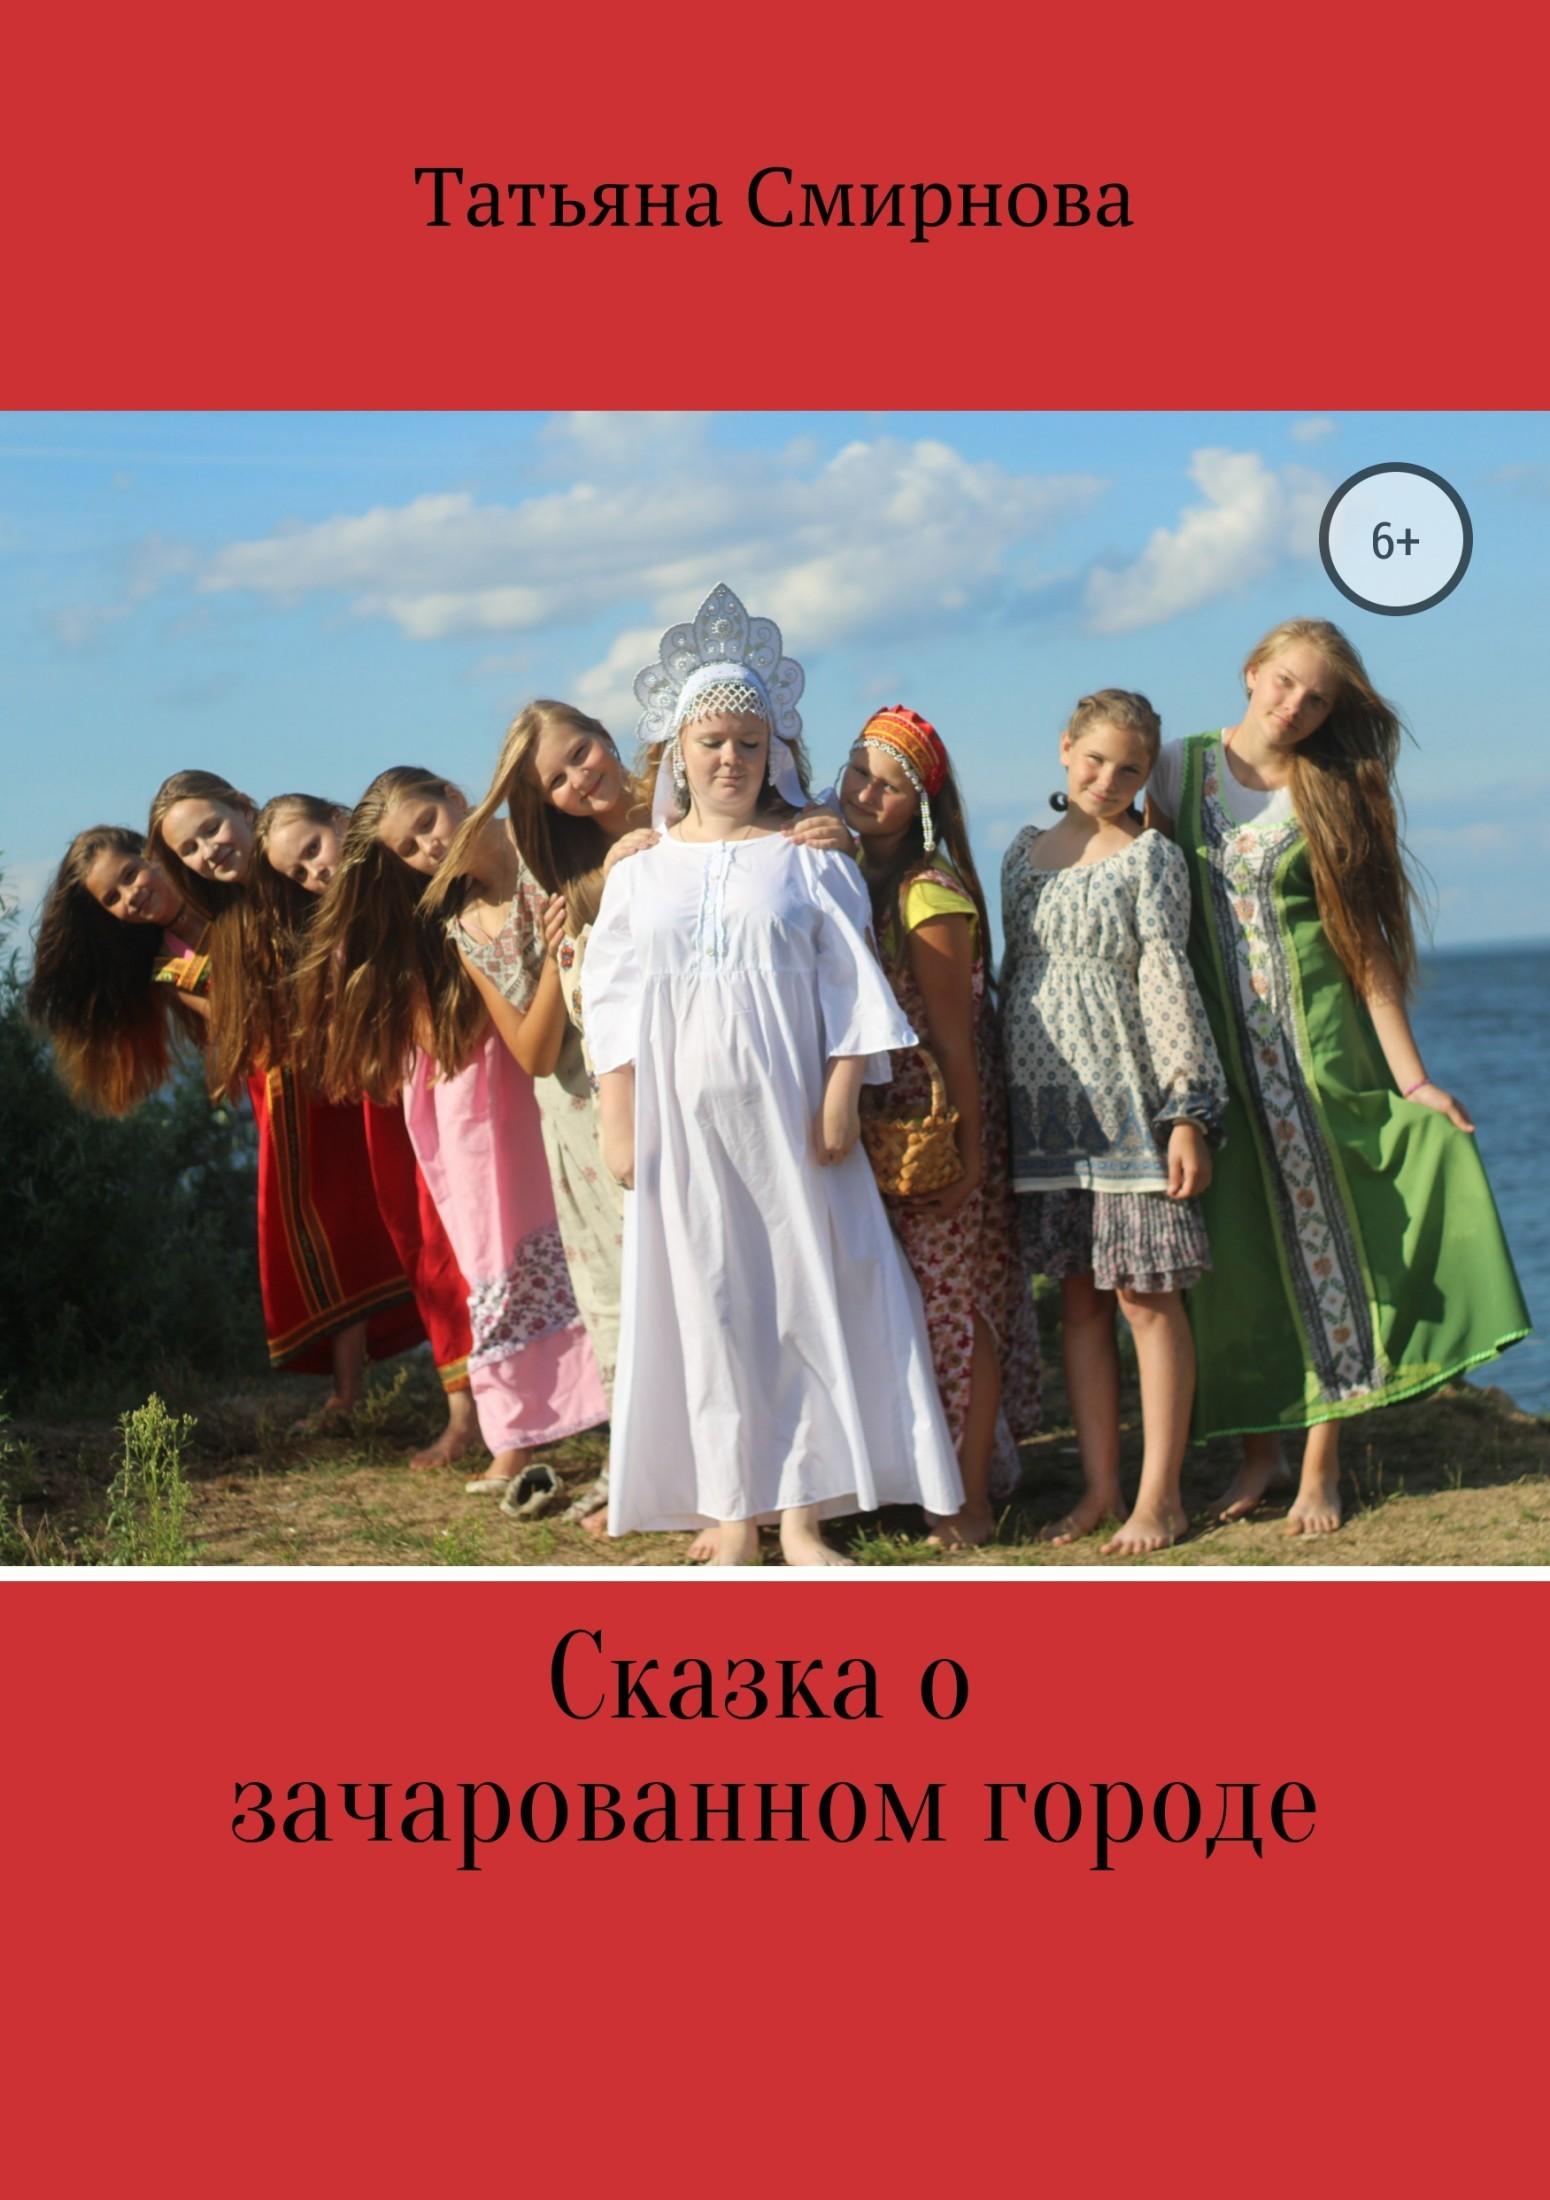 Татьяна Смирнова - Сказка о Зачарованном городе